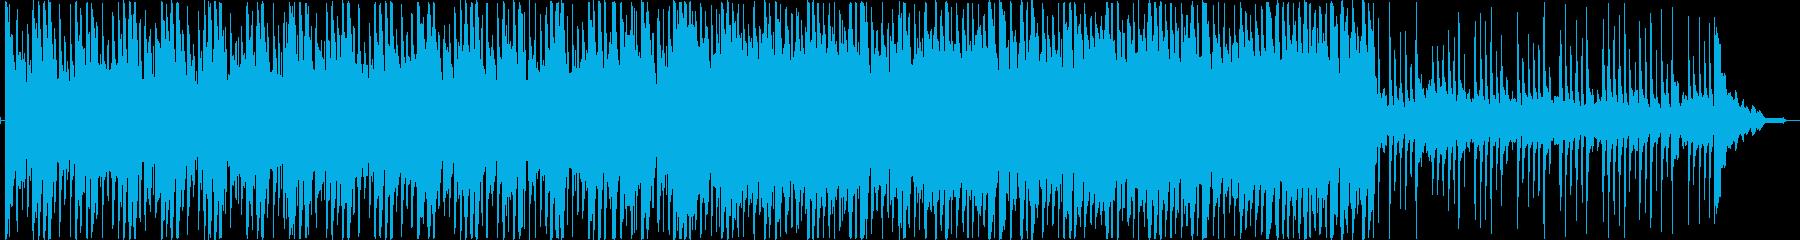 リズミックなポップテイストBGMの再生済みの波形